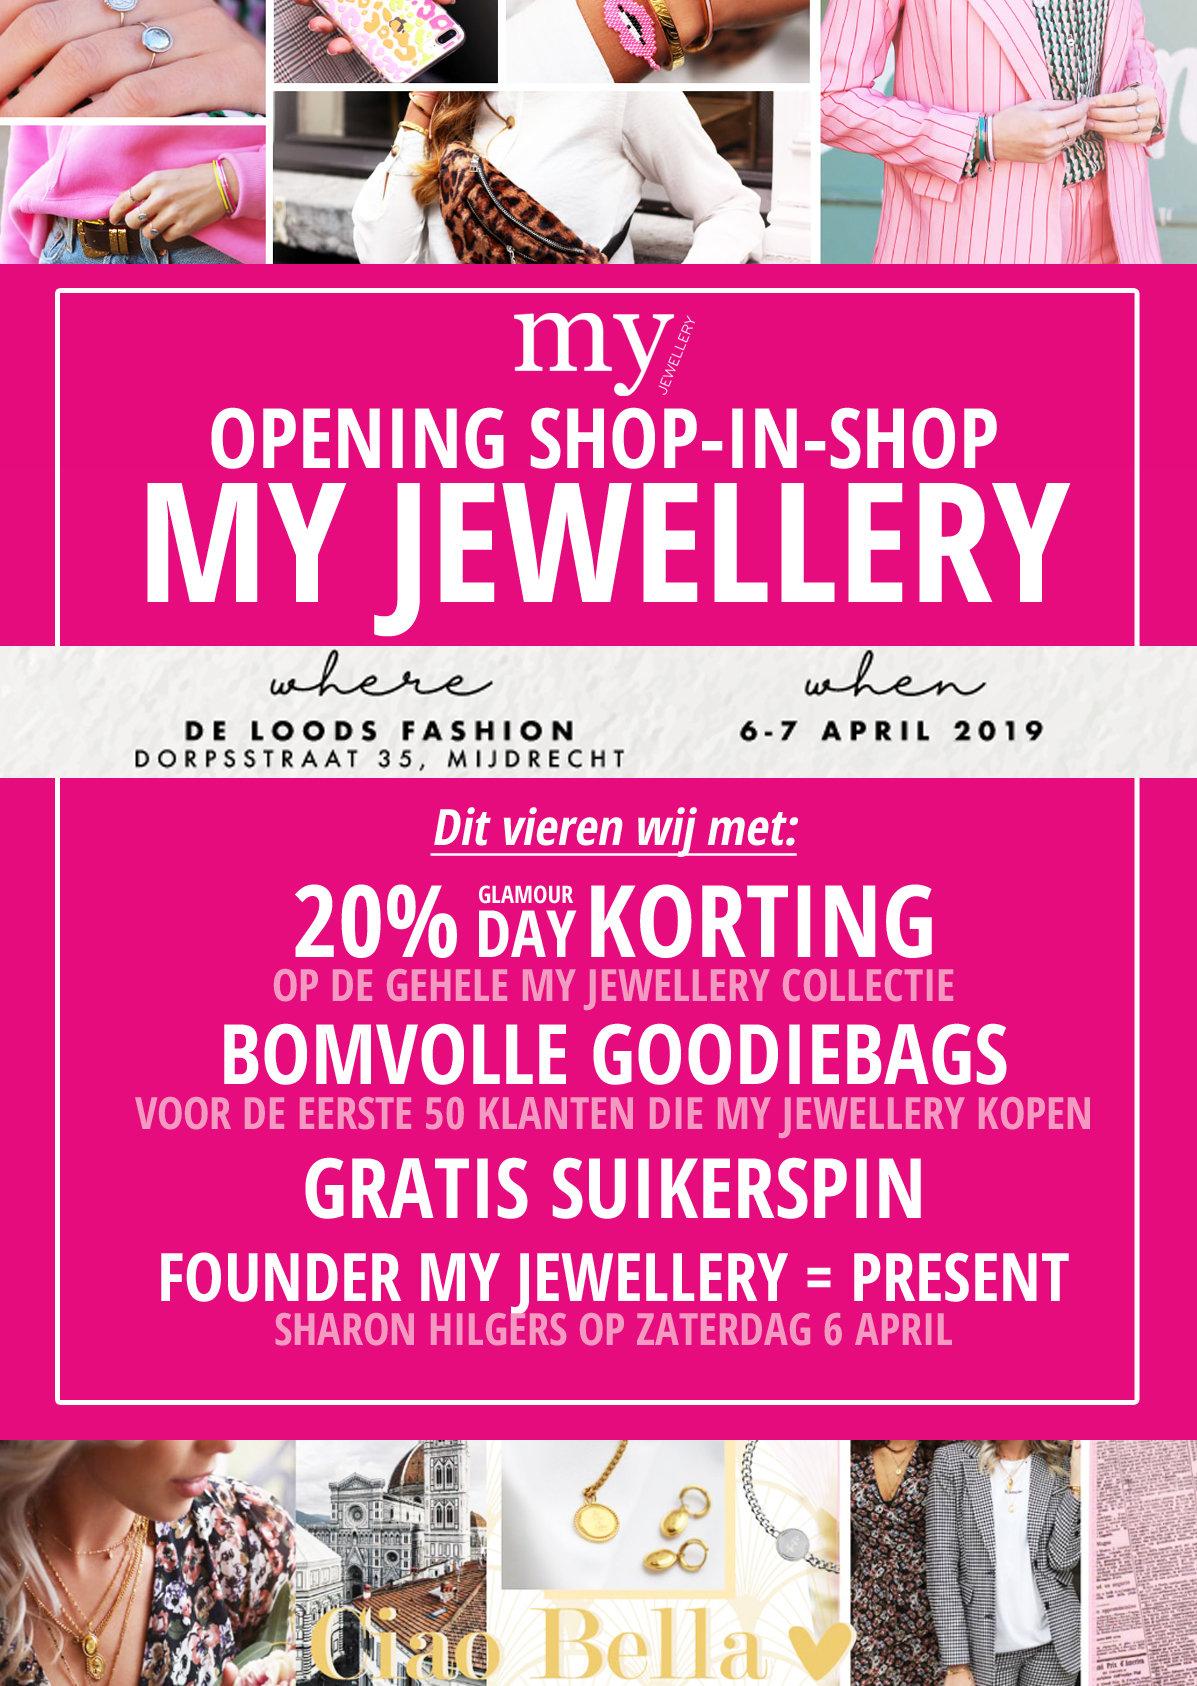 Dit weekend OPENING Shop in Shop My Jewellery De Loods Fashion